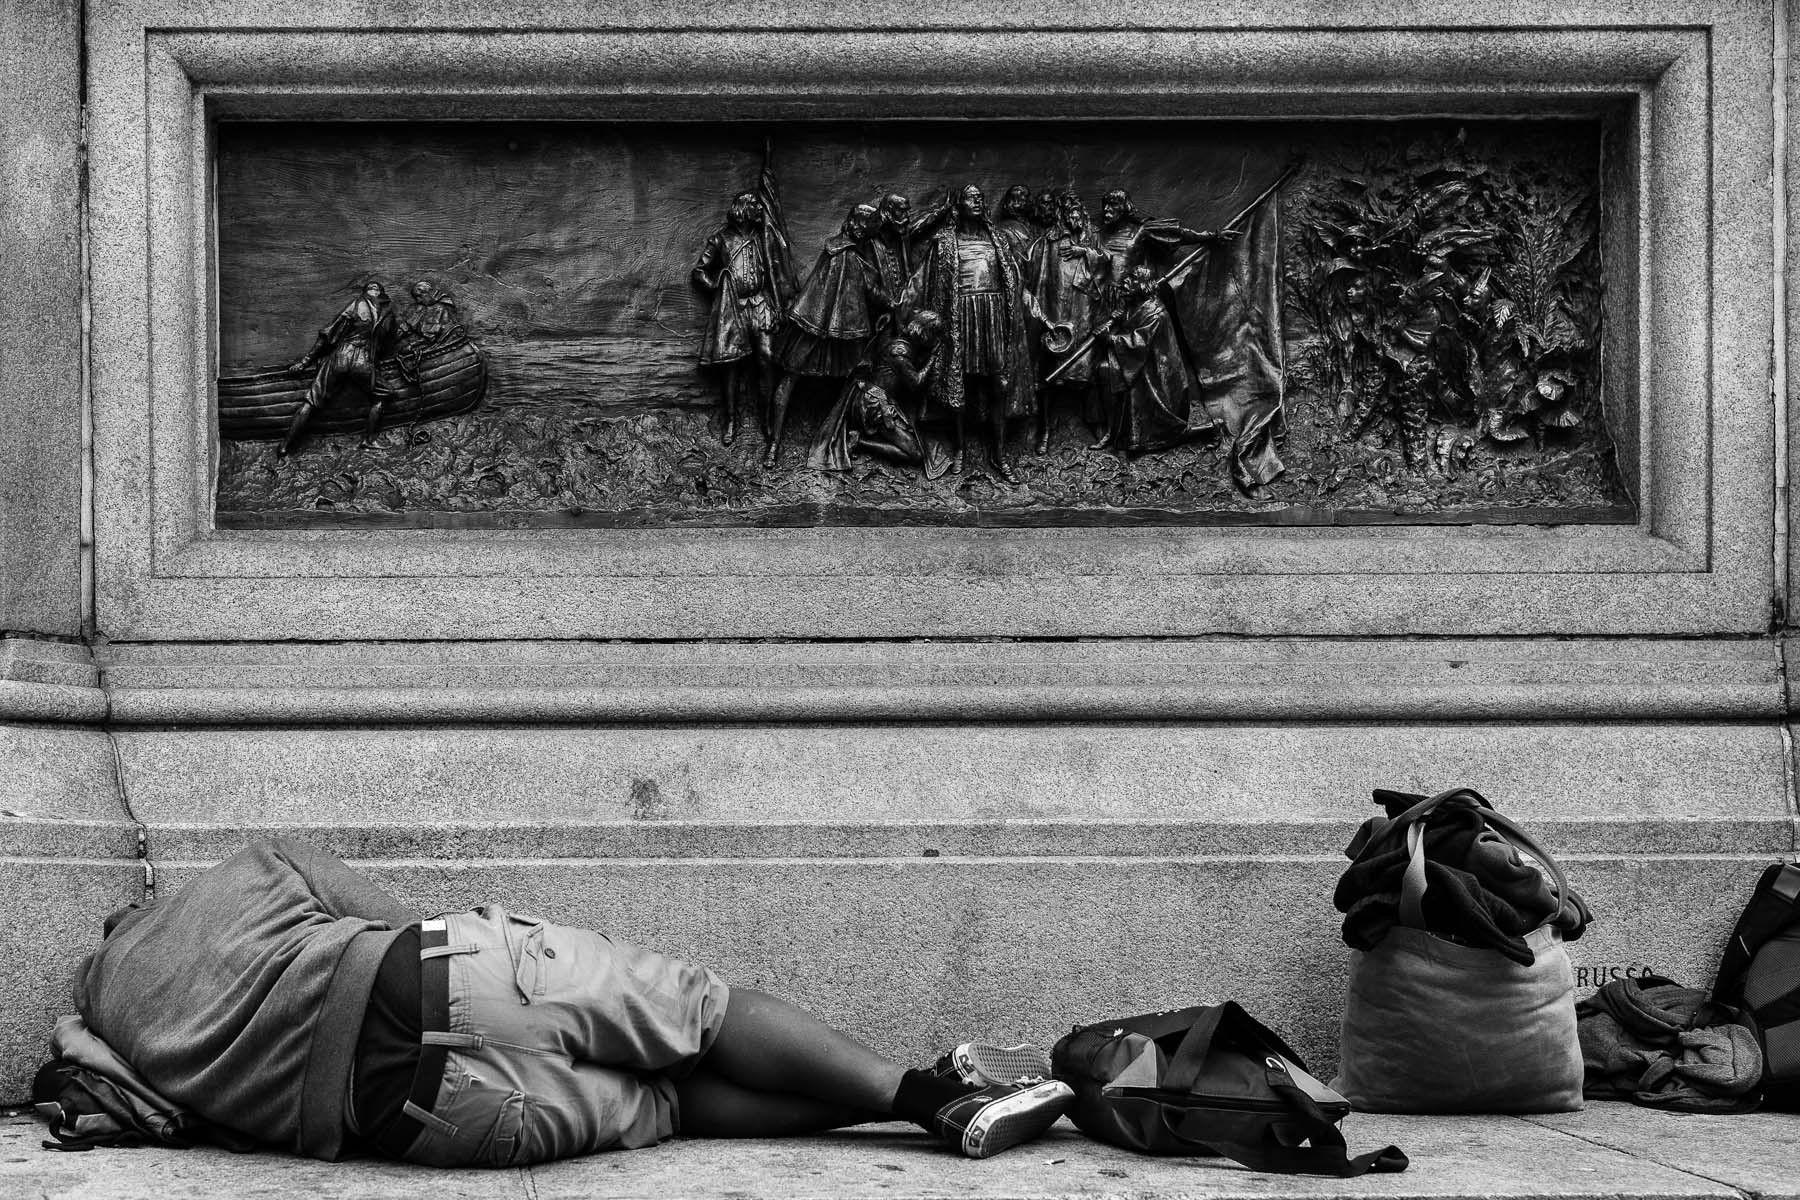 Columbus Circle, New York, NY, 2012